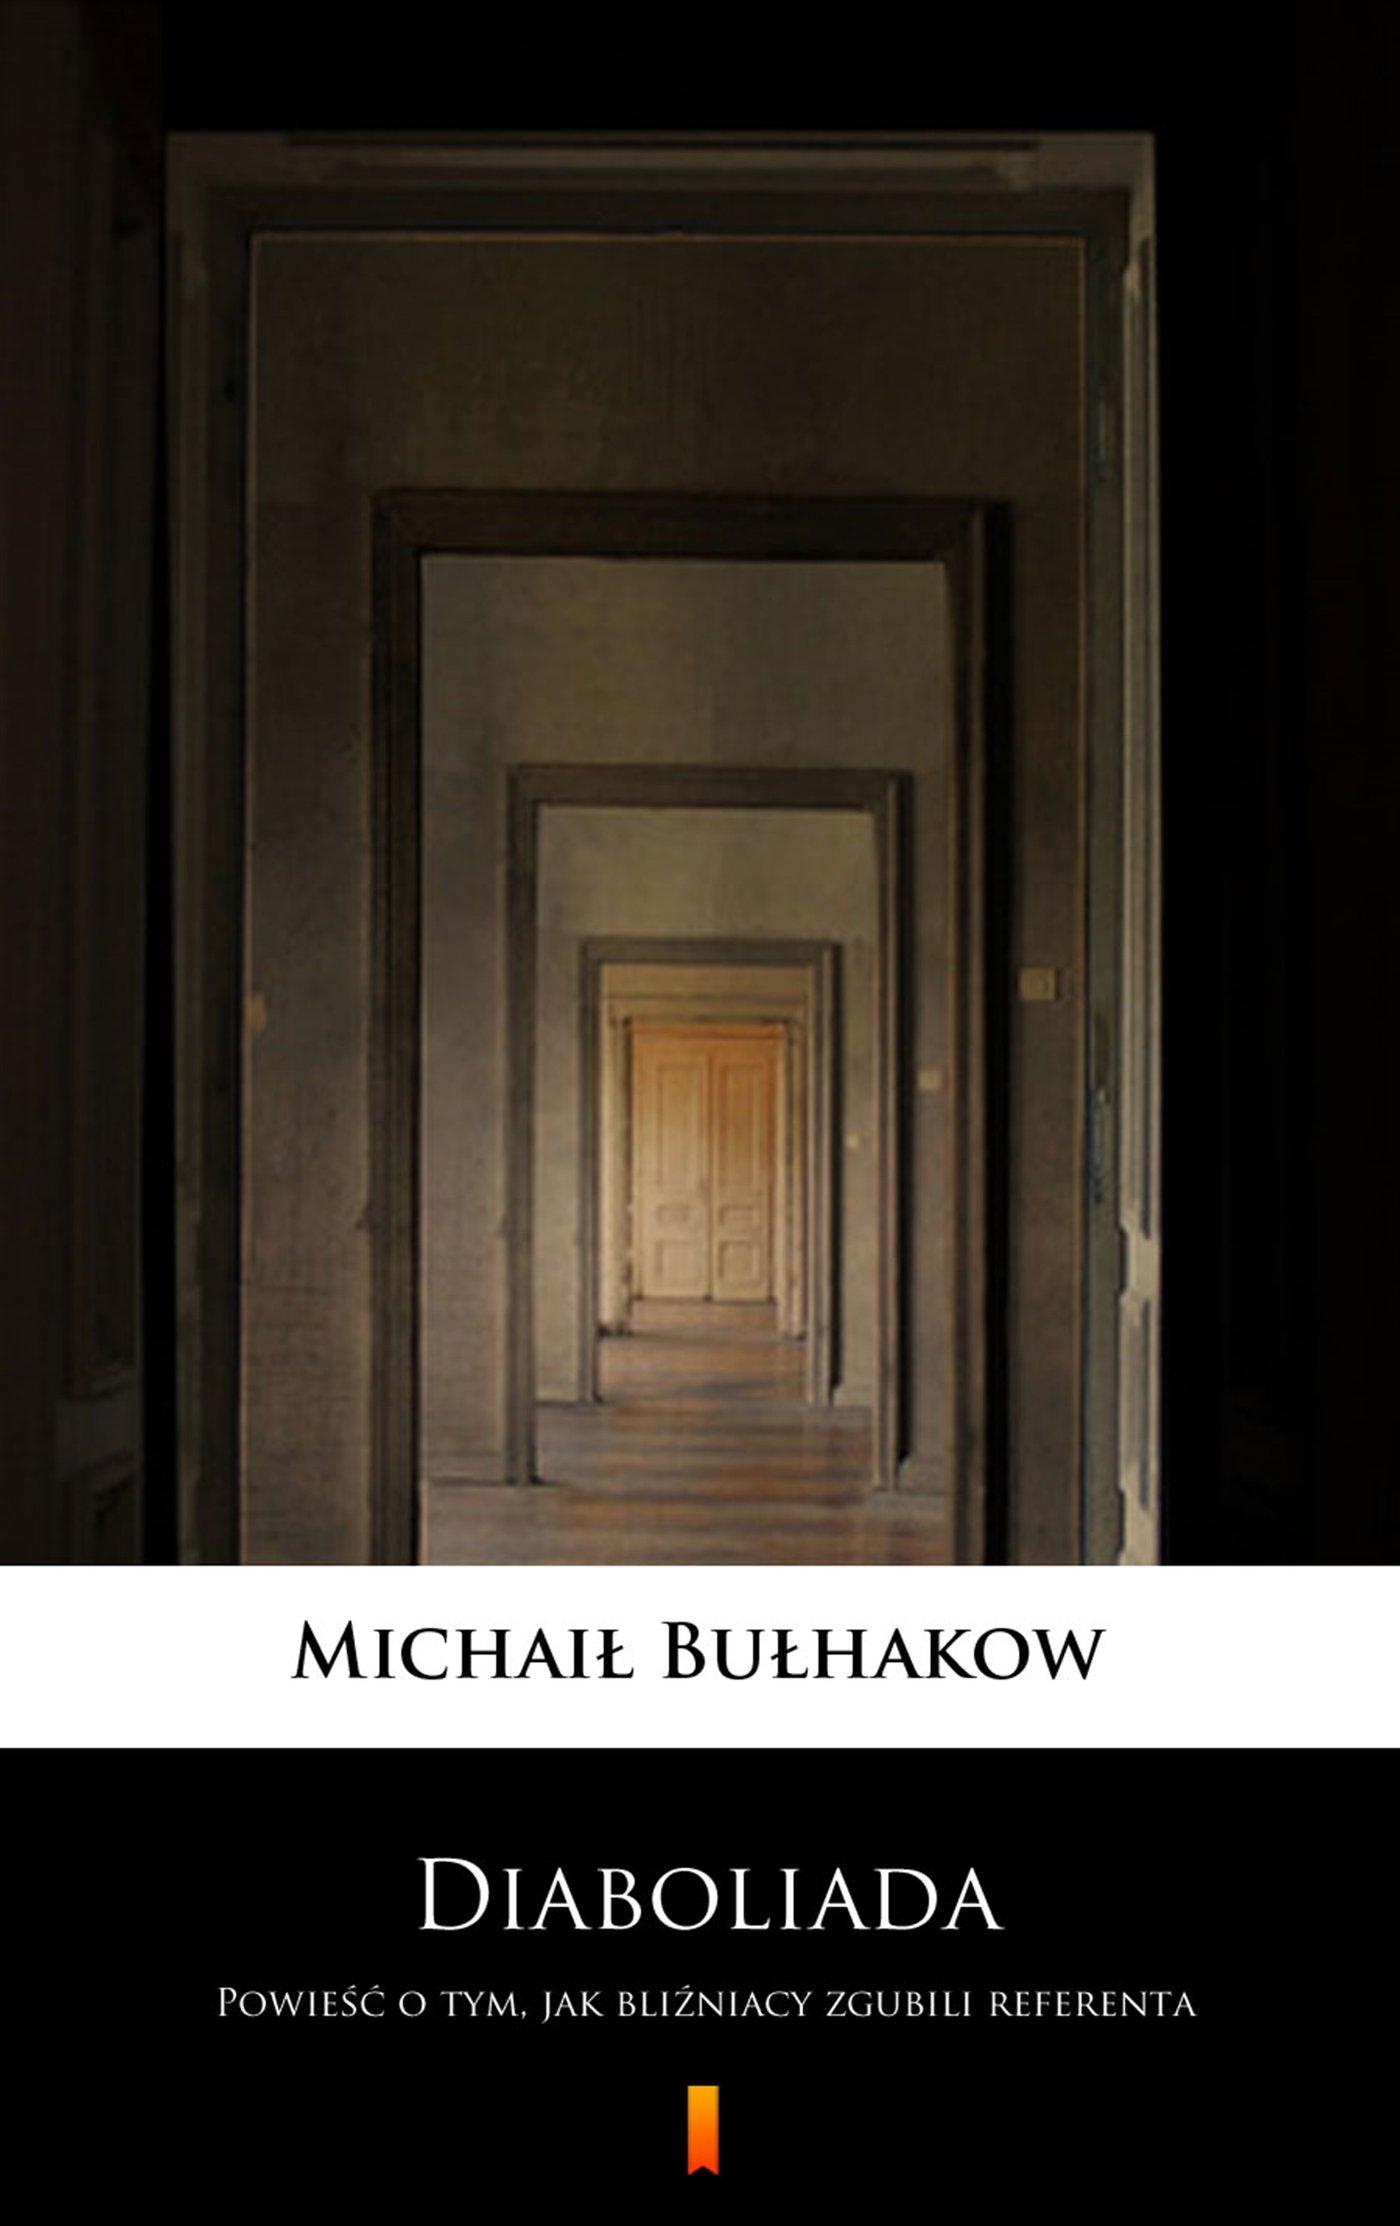 Diaboliada - Ebook (Książka na Kindle) do pobrania w formacie MOBI